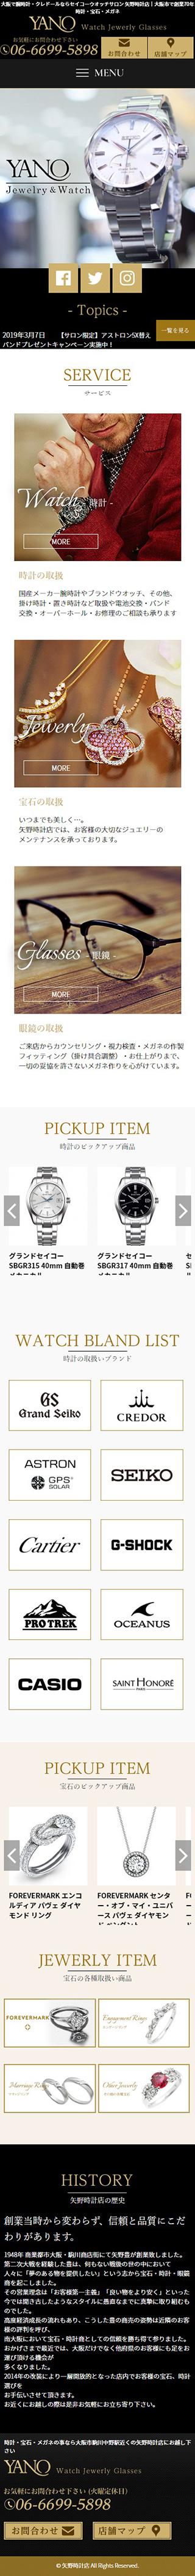 ホームページ制作実績株式会社矢野時計店様 コーポレートサイト